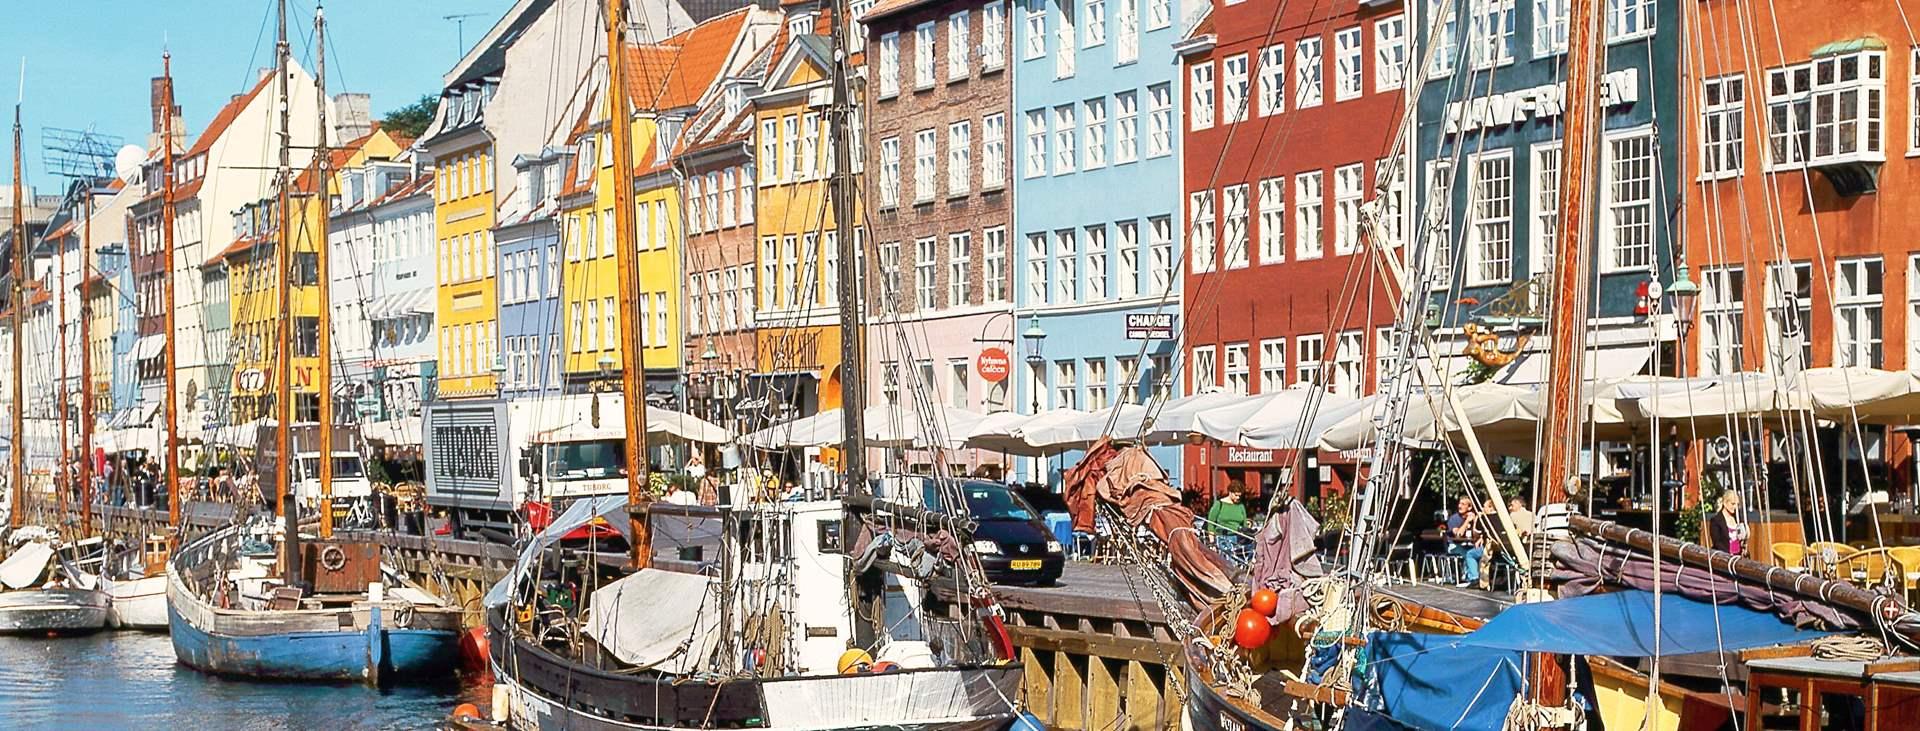 Varaa viikonloppu Tanskaan - lento ja hotelli